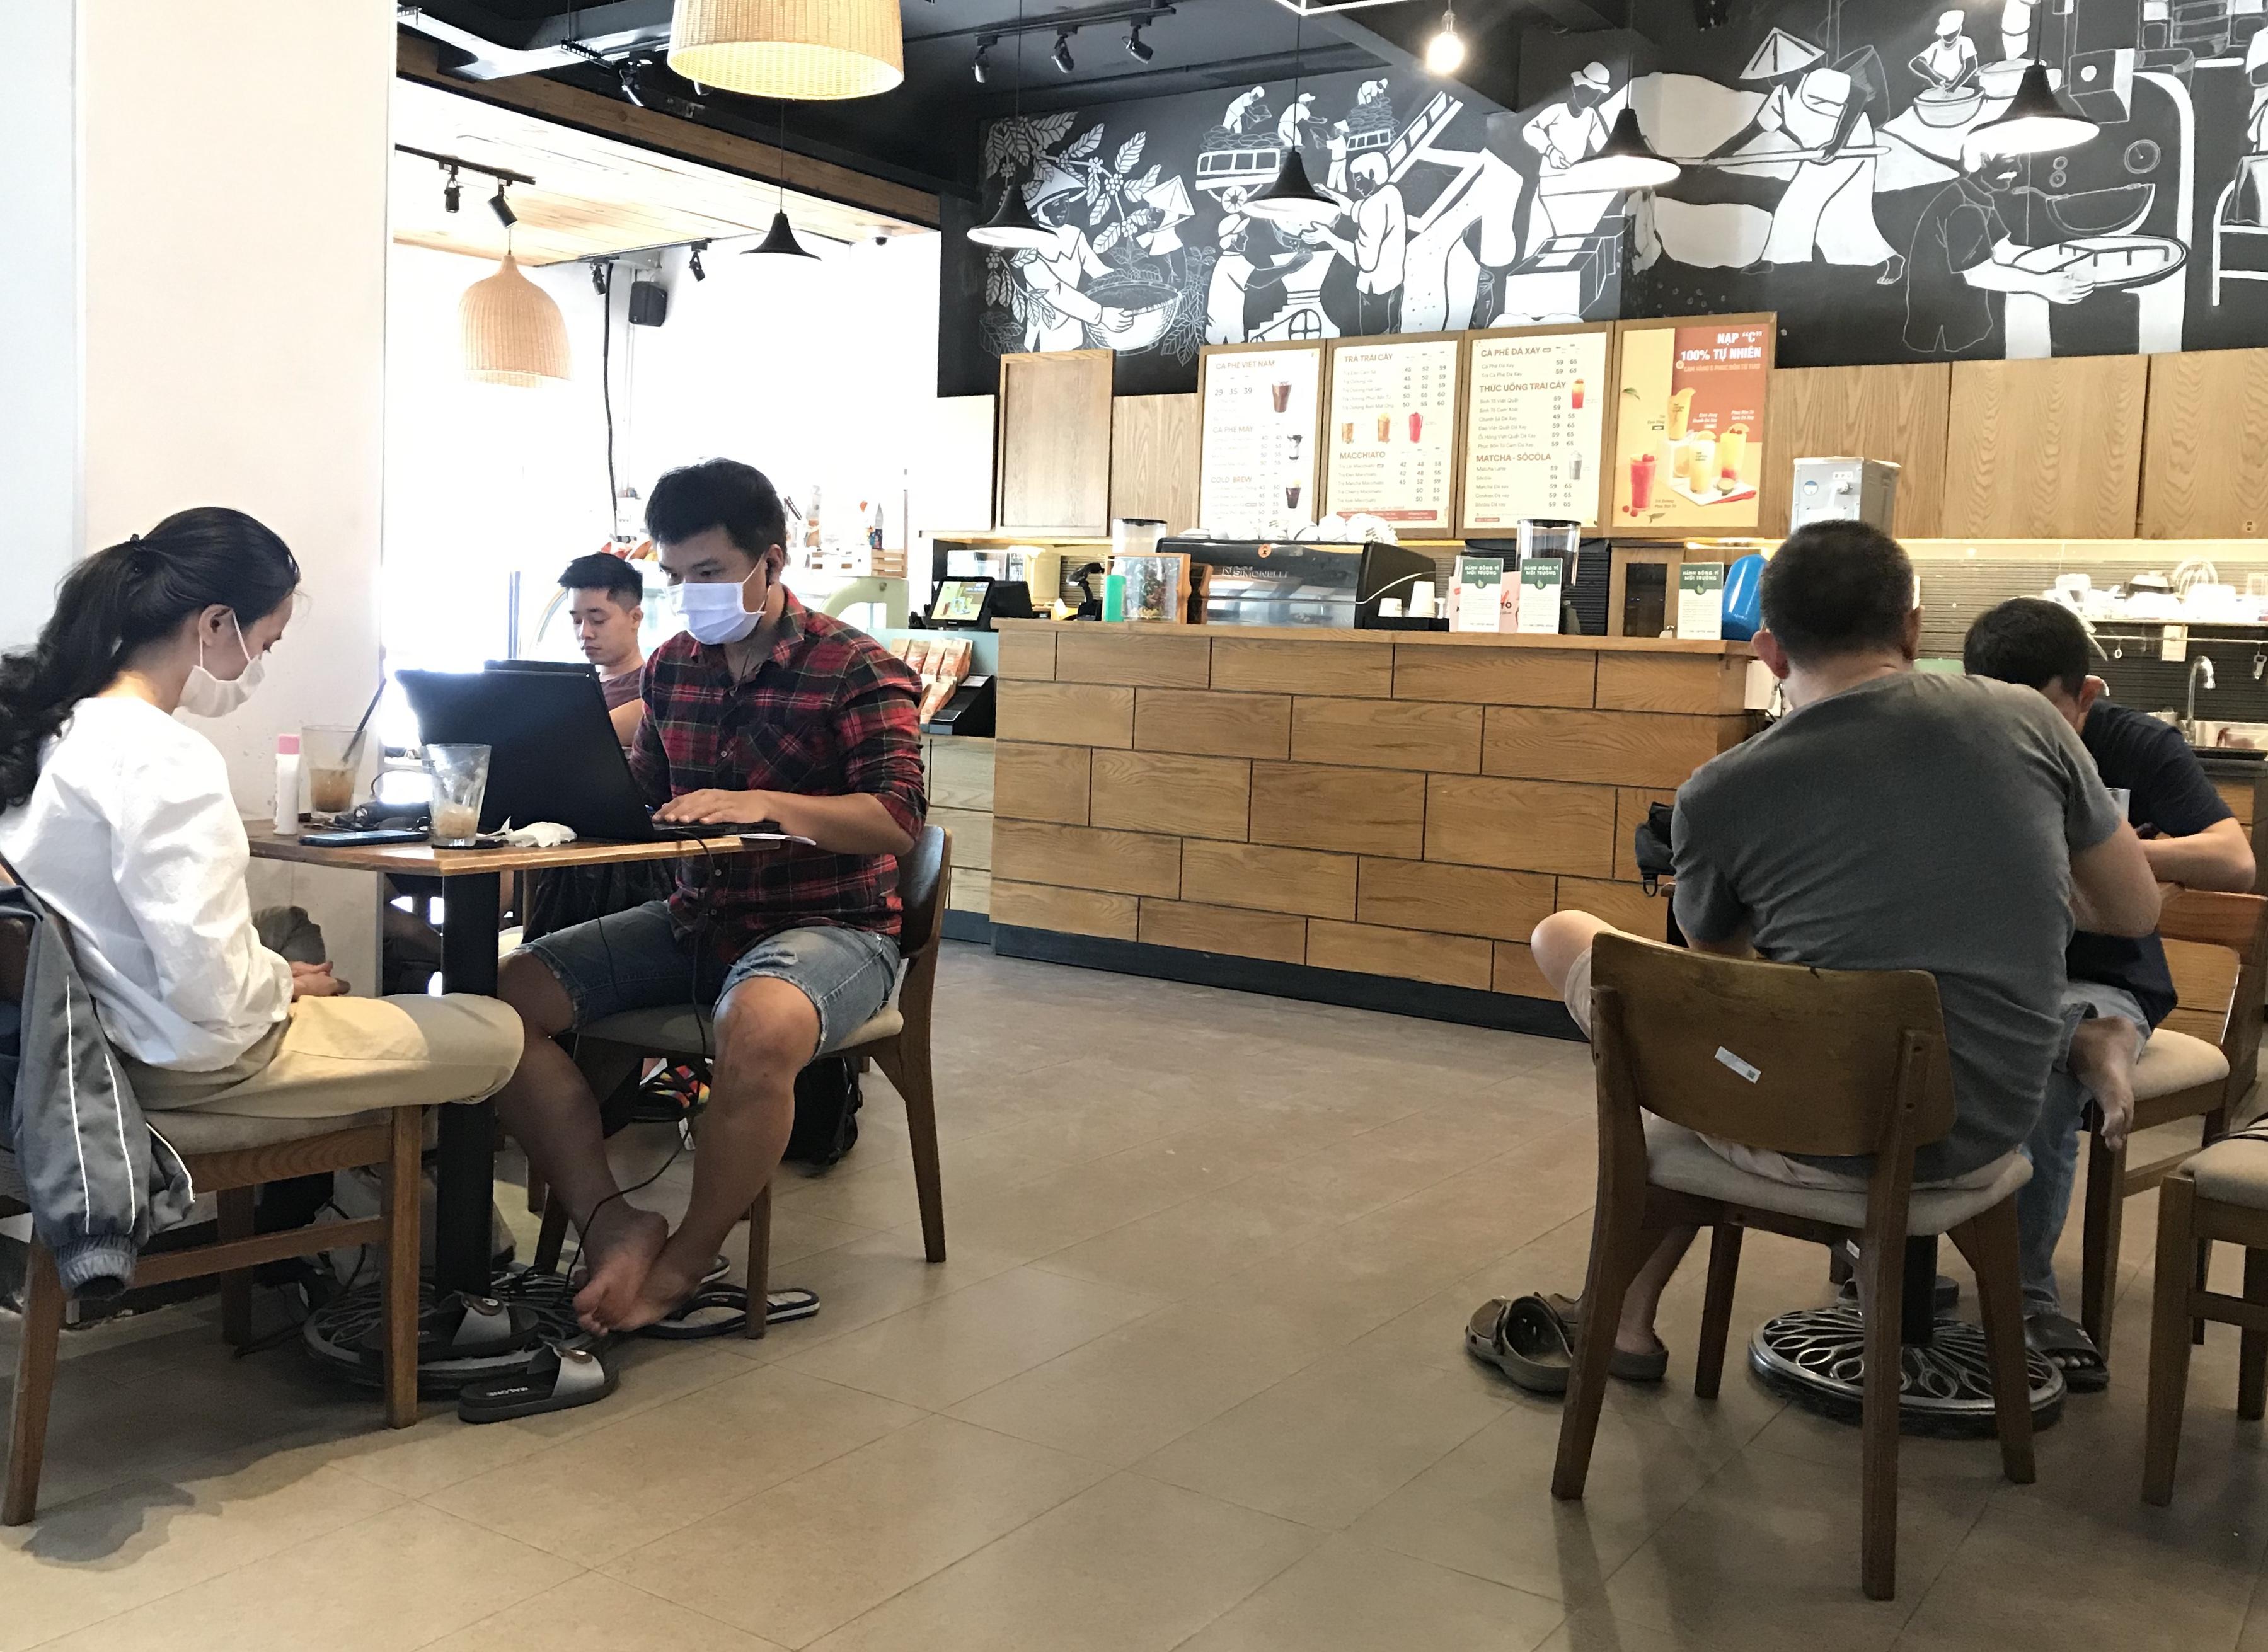 Thủ tướng cho phép bỏ quy định giãn cách tại nhà hàng, quán ăn - Ảnh 1.